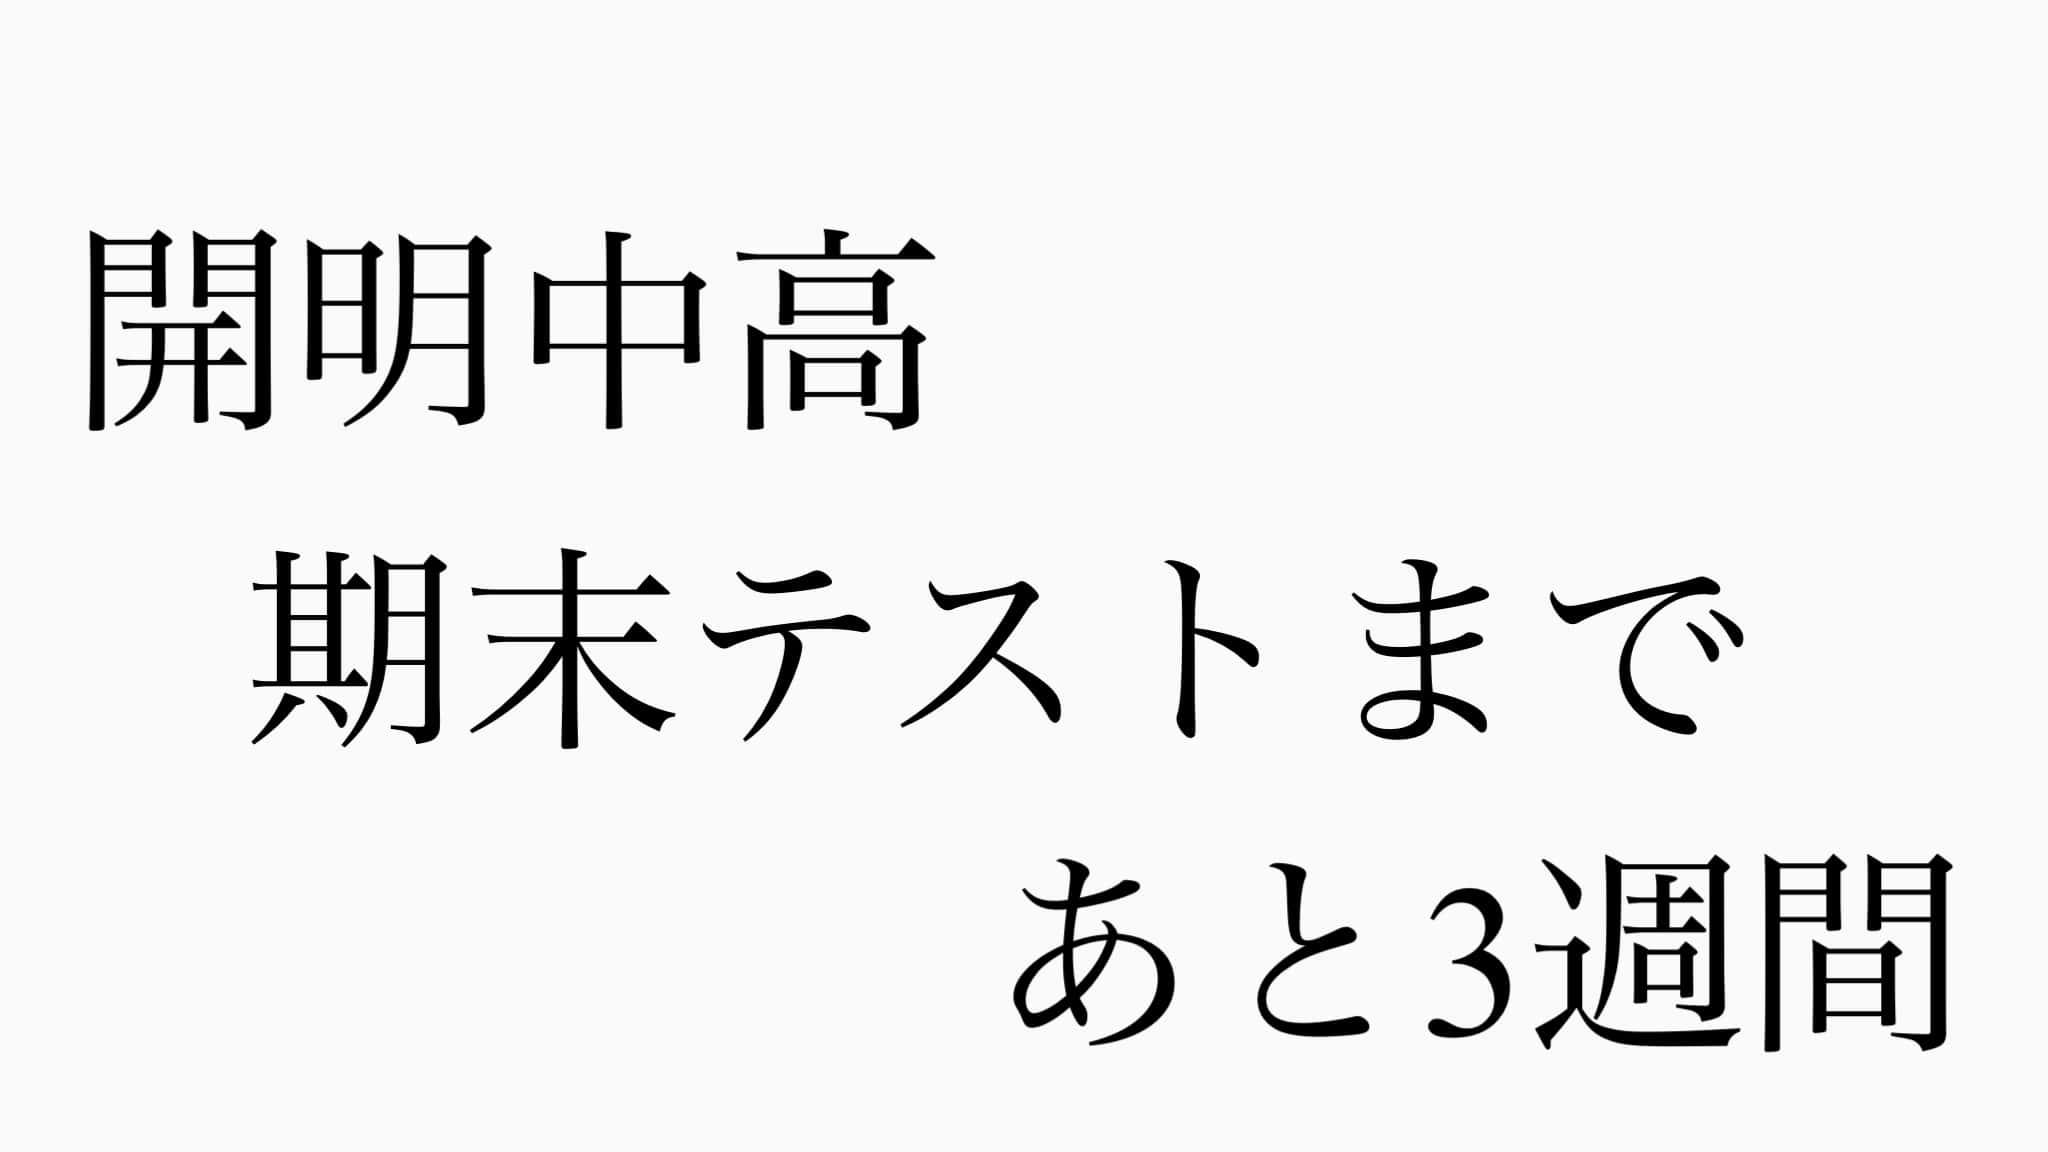 【開明中高情報】定期考査 3 週間前!